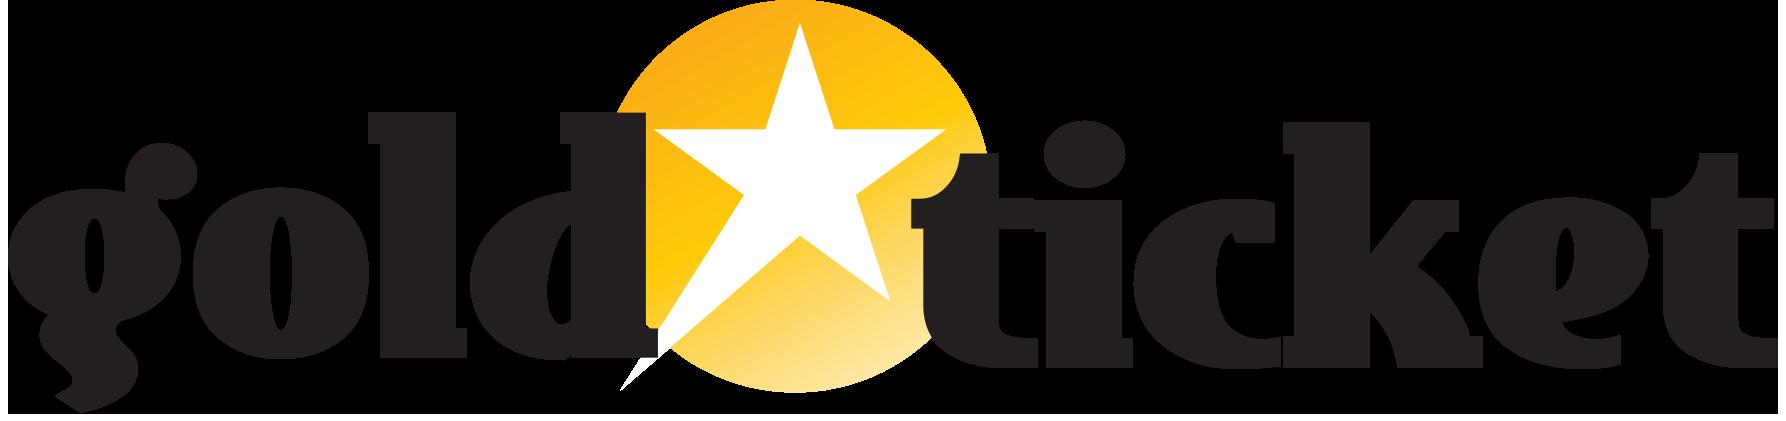 GoldStar1.6.png